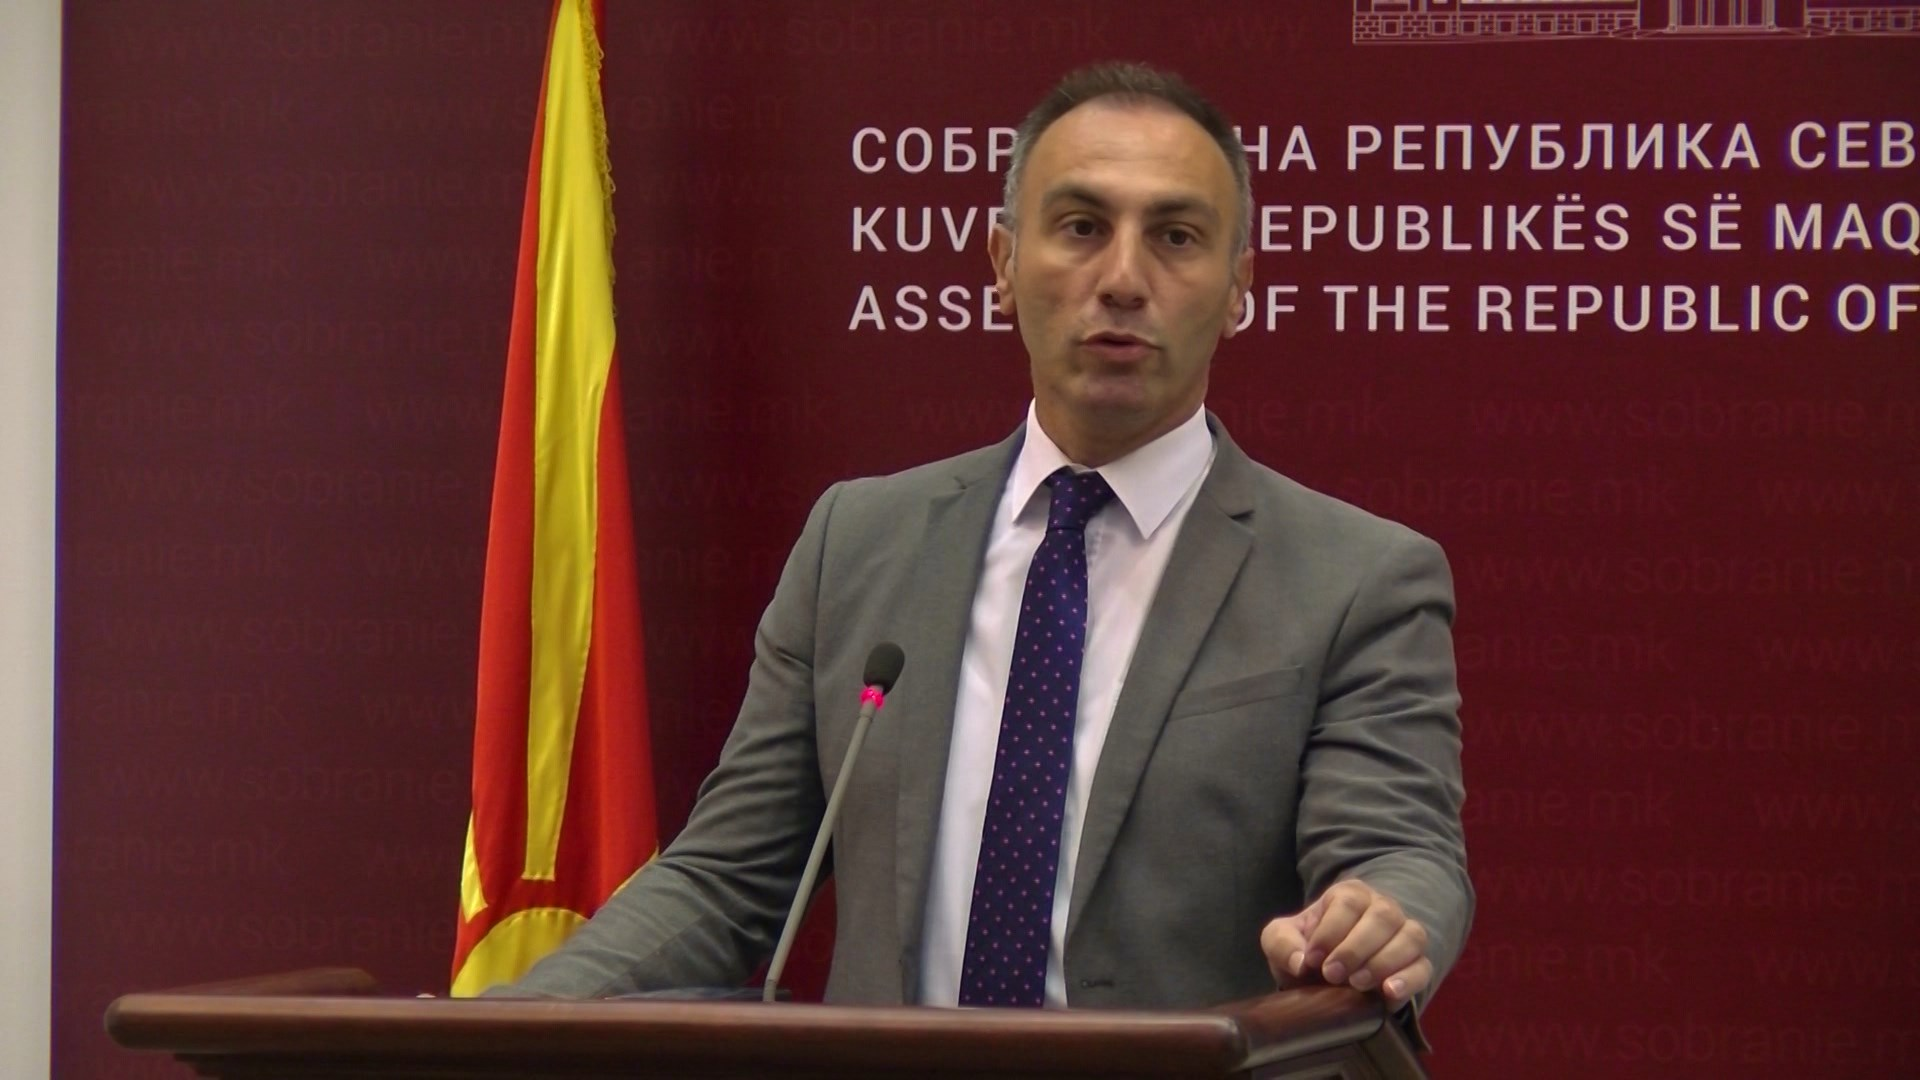 Partitë shqiptare në RMV paralajmërojnë dorëzimin e amendamenteve për gjuhën